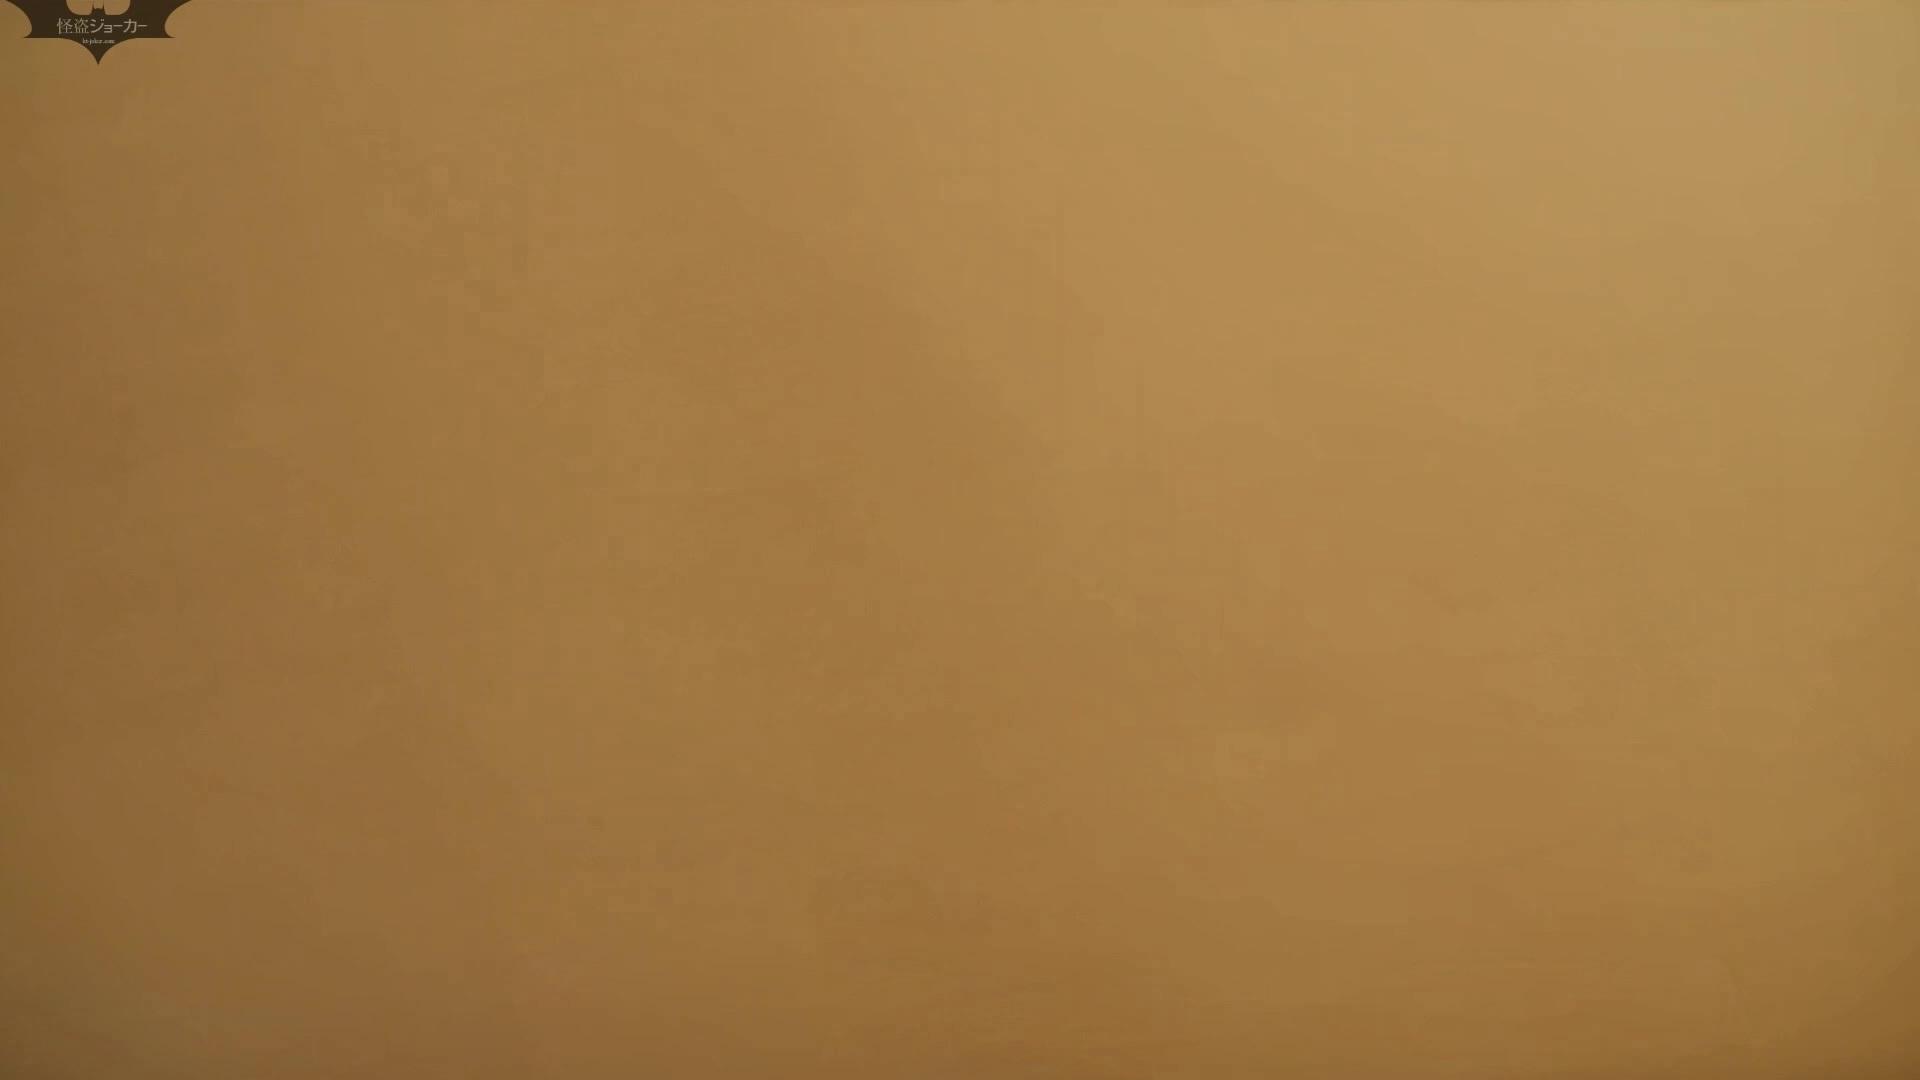 ヤリマンのオマンコ:阿国ちゃんの和式洋式七変化 Vol.24 すっごくピクピクしてます。:怪盗ジョーカー